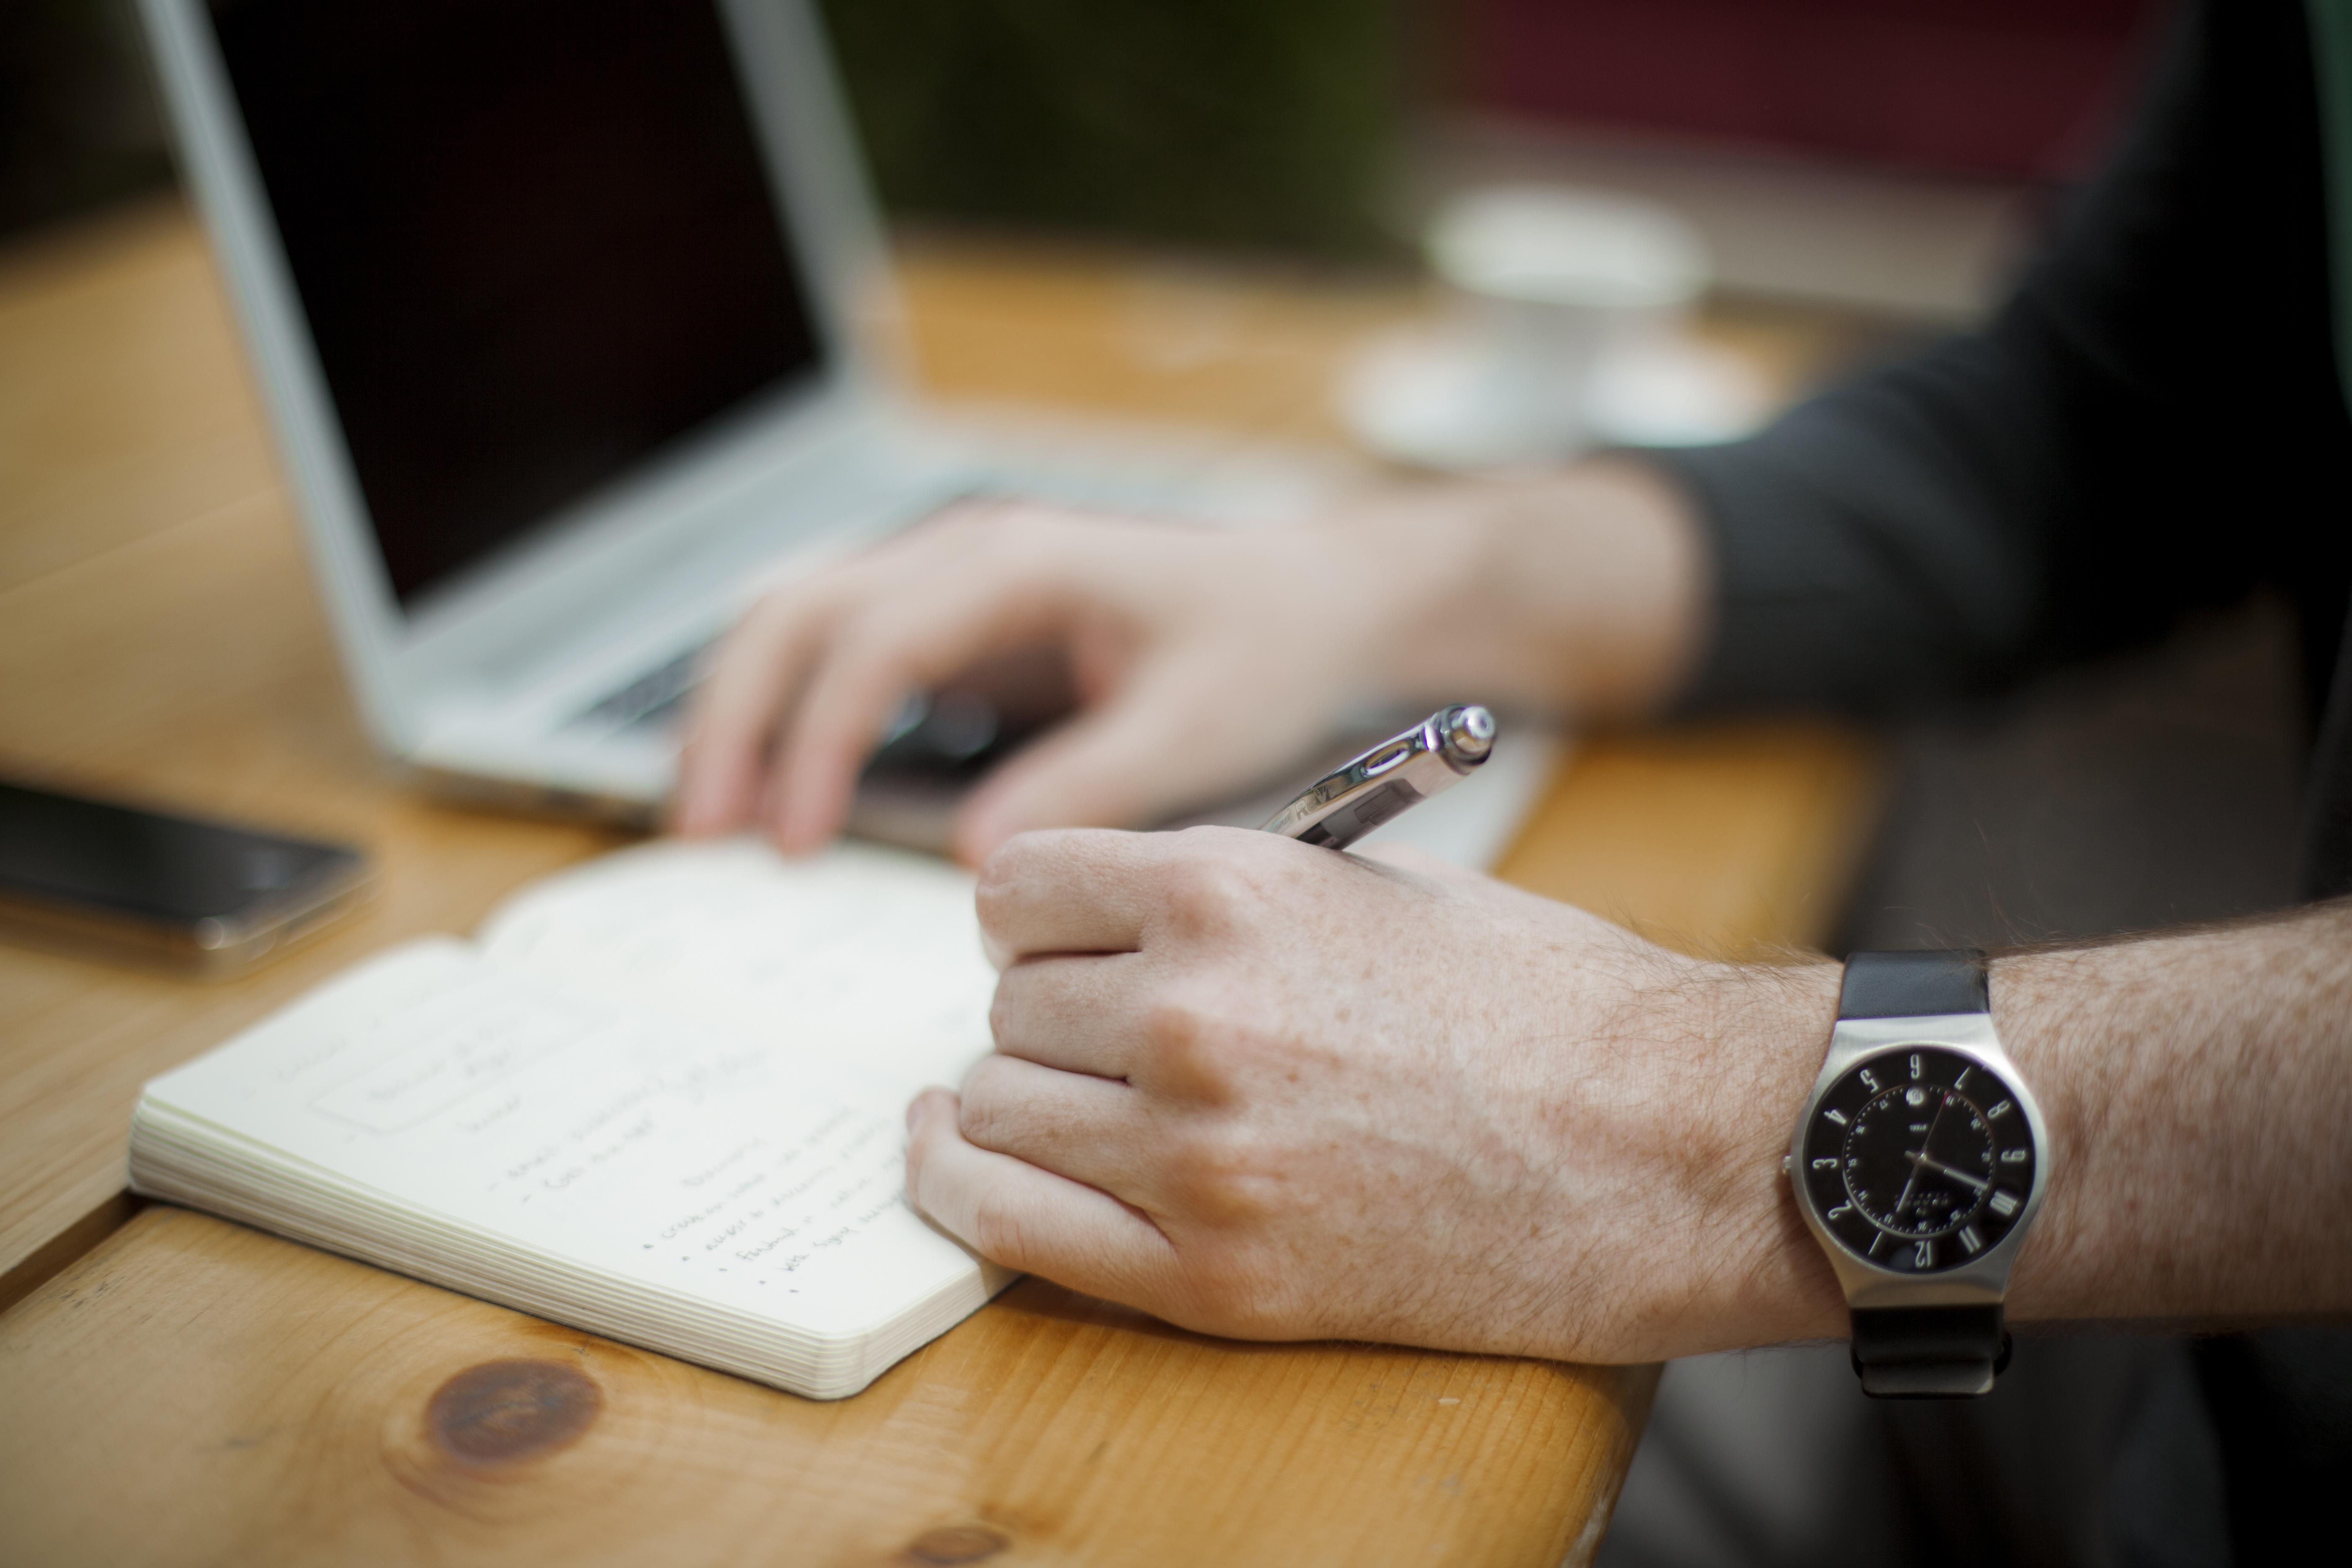 notebook-hands-writing.jpg